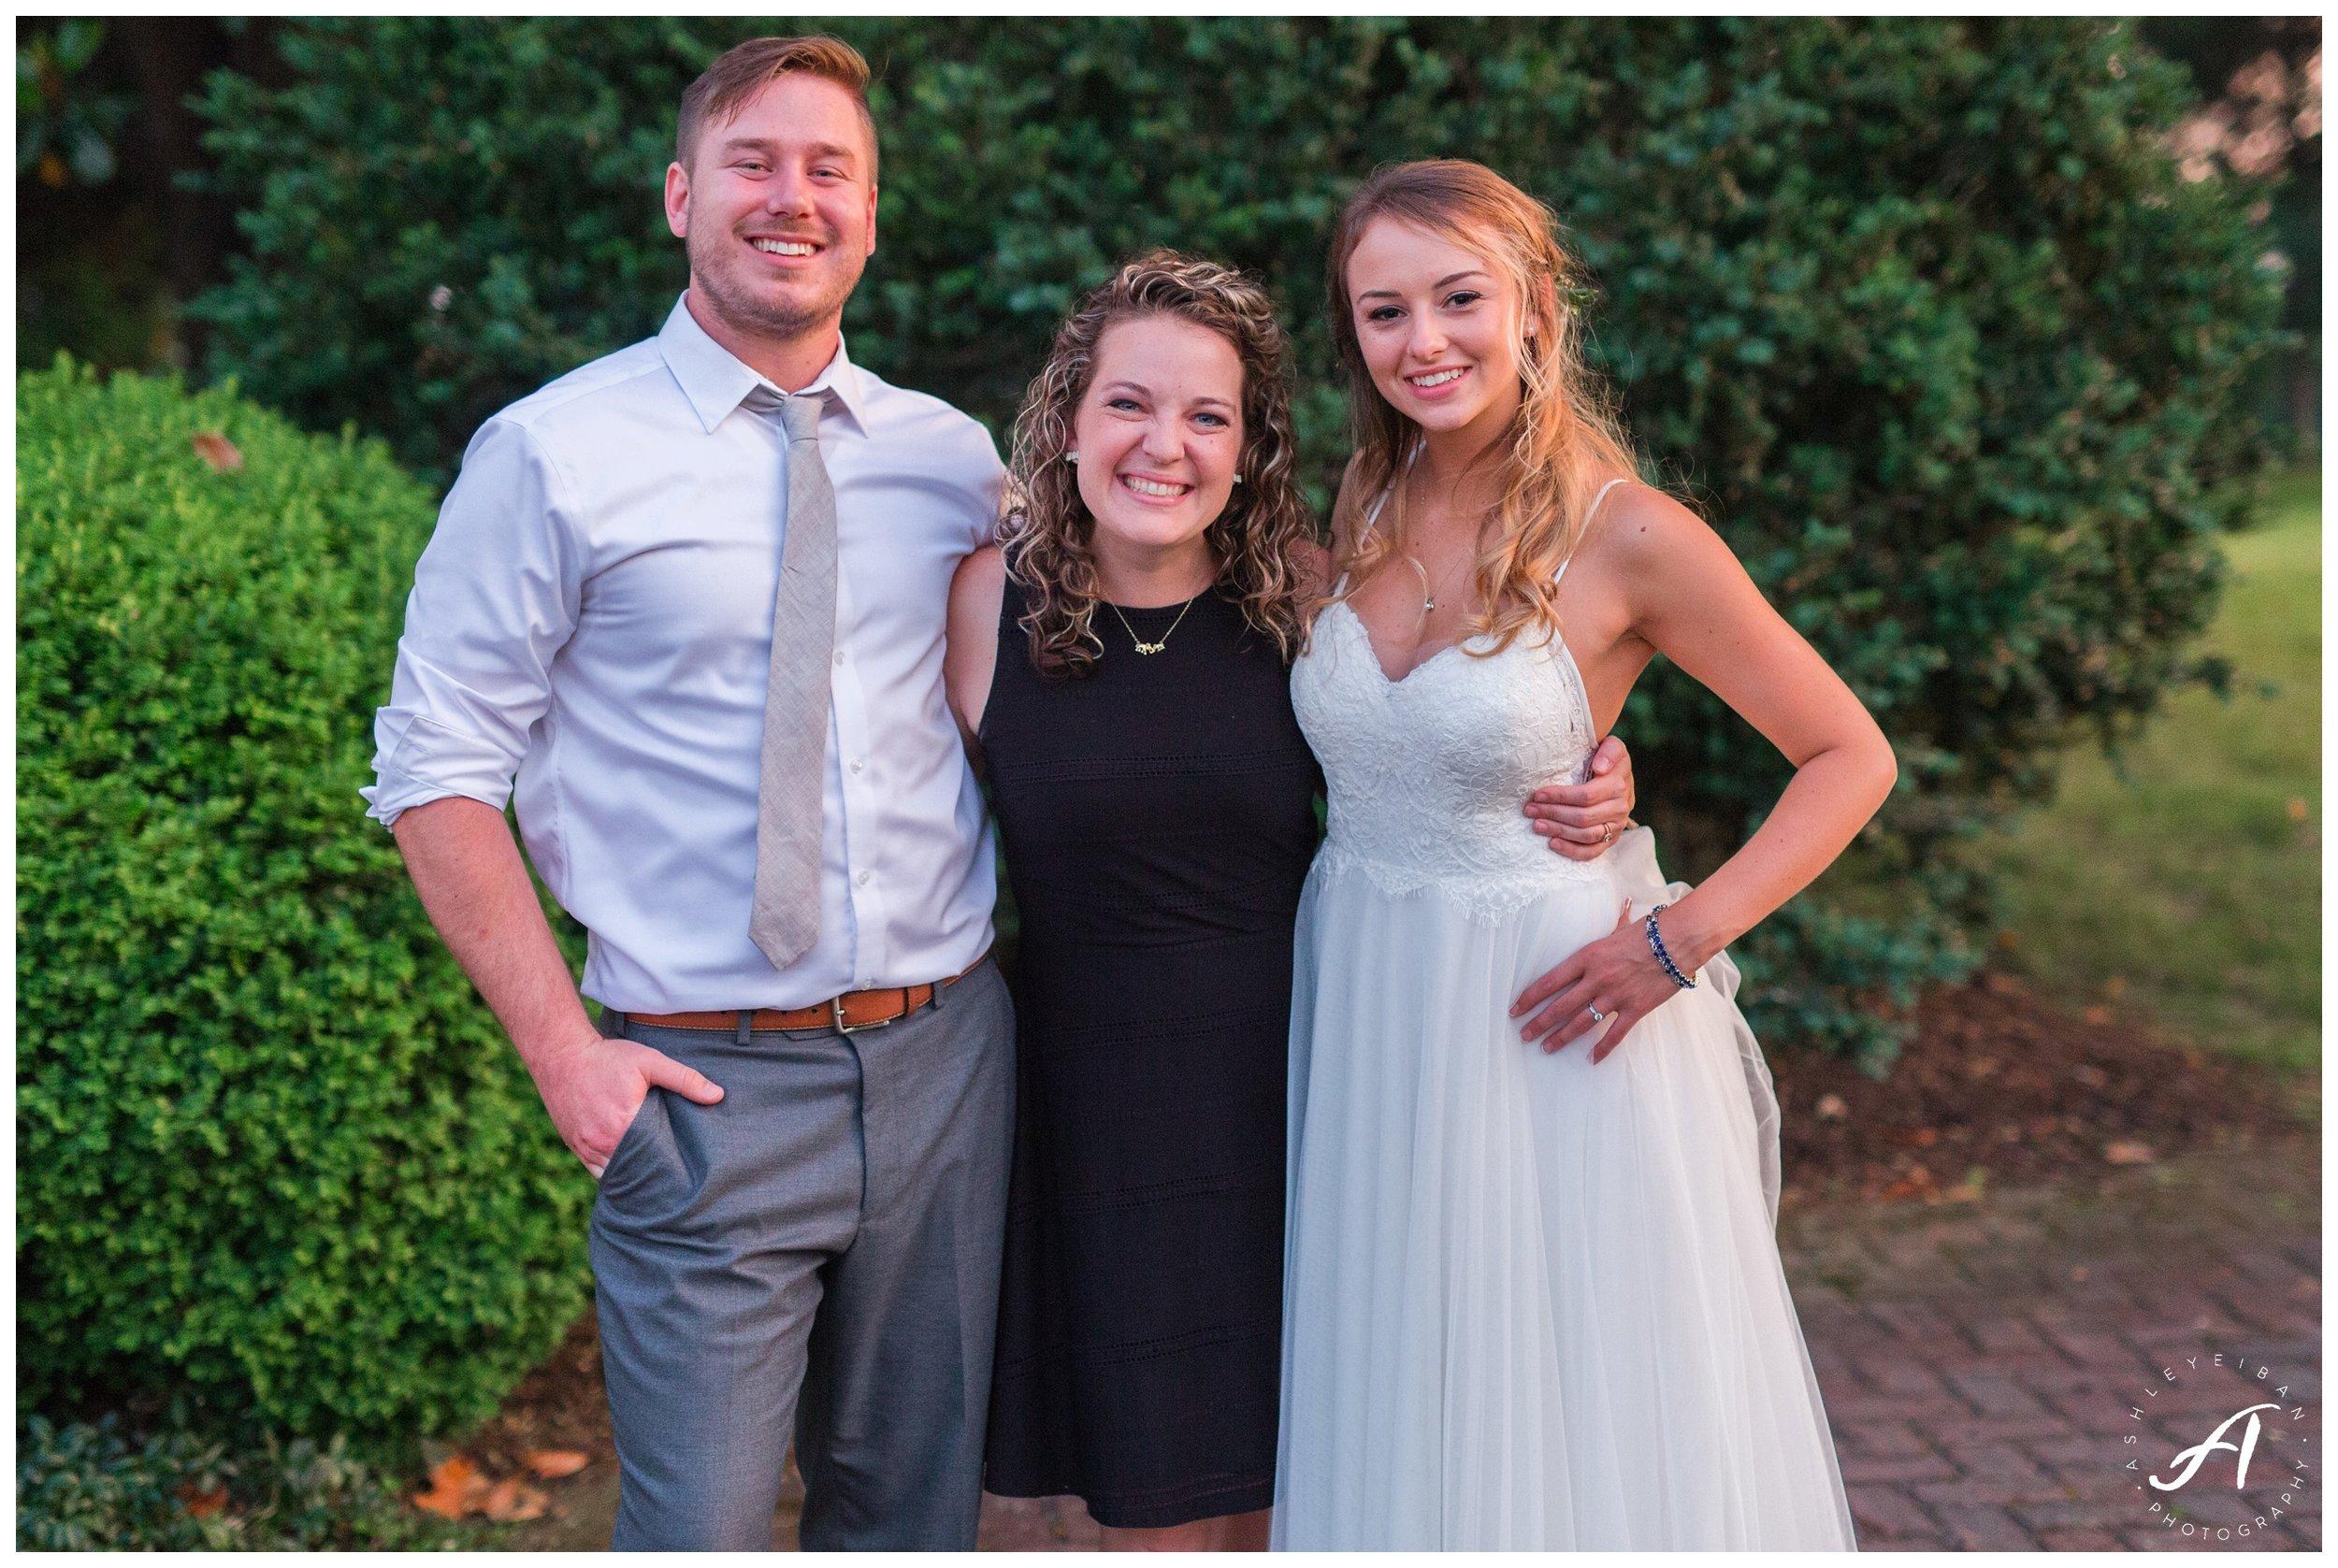 Trivium Estate Wedding in Lynchburg, Virginia || www.ashleyeiban.com